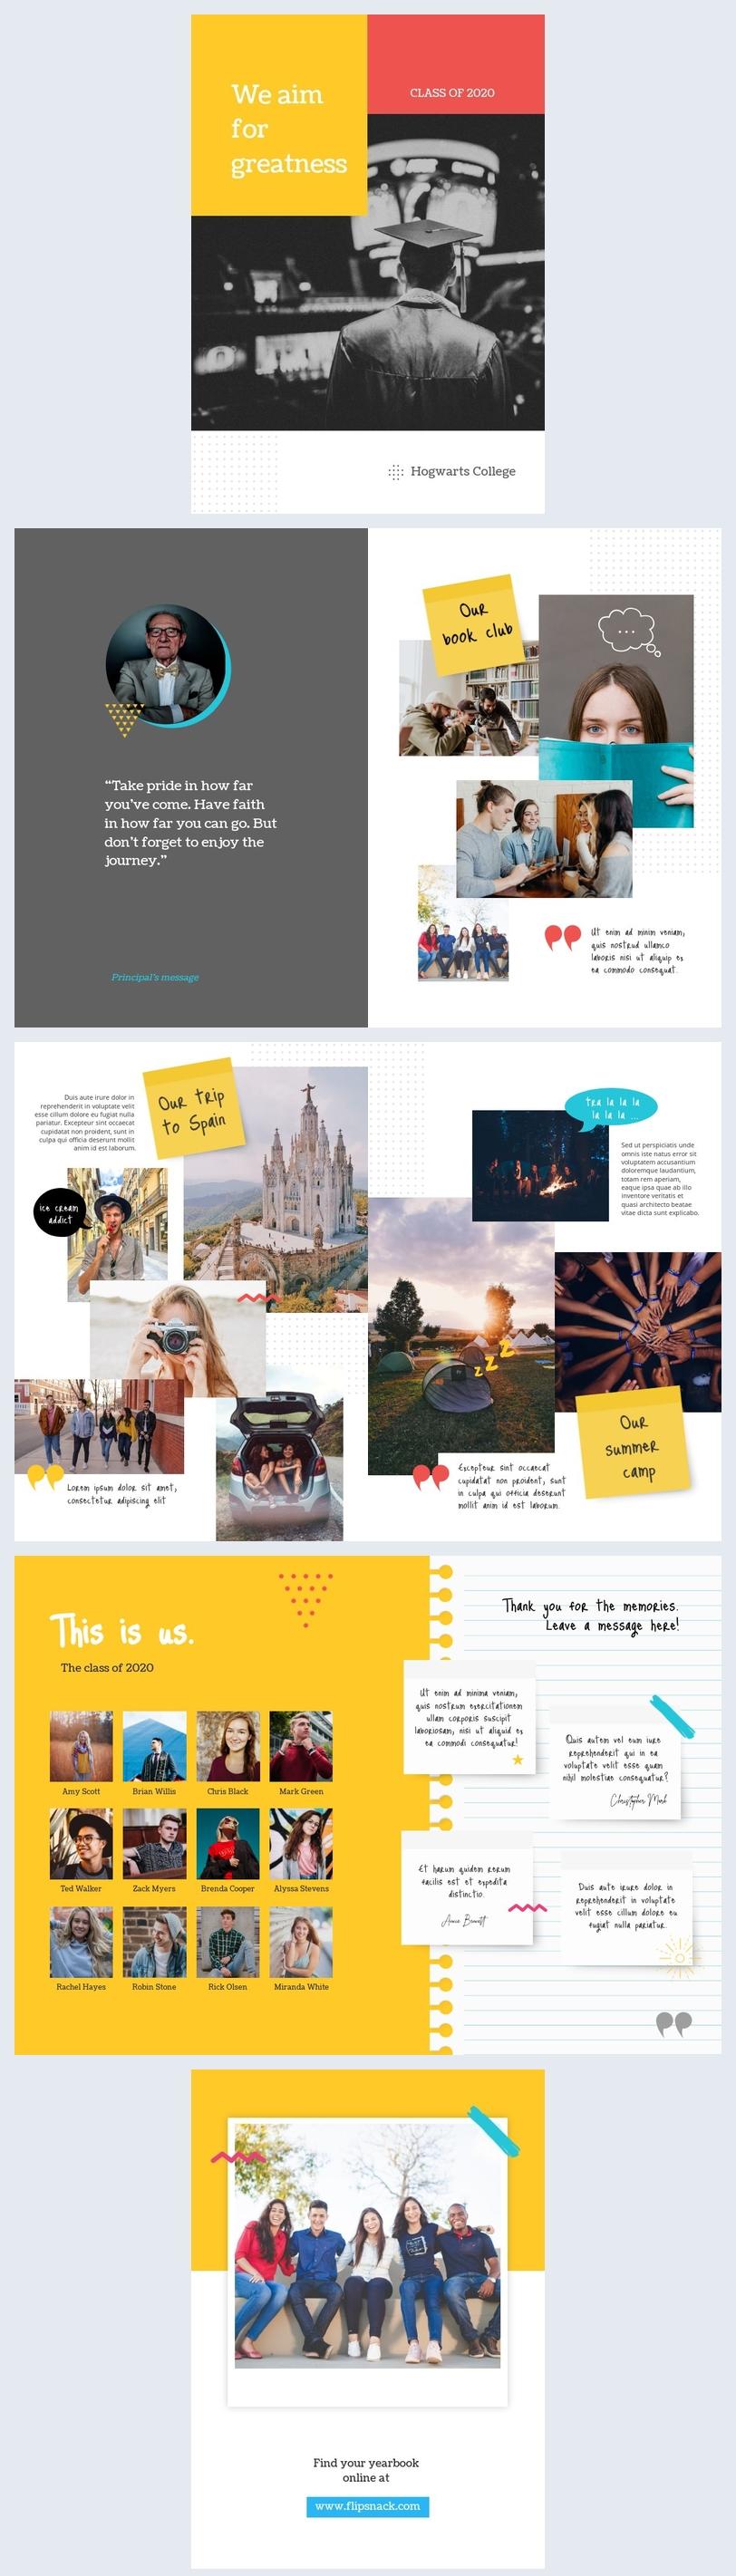 Senior Yearbook Design Template